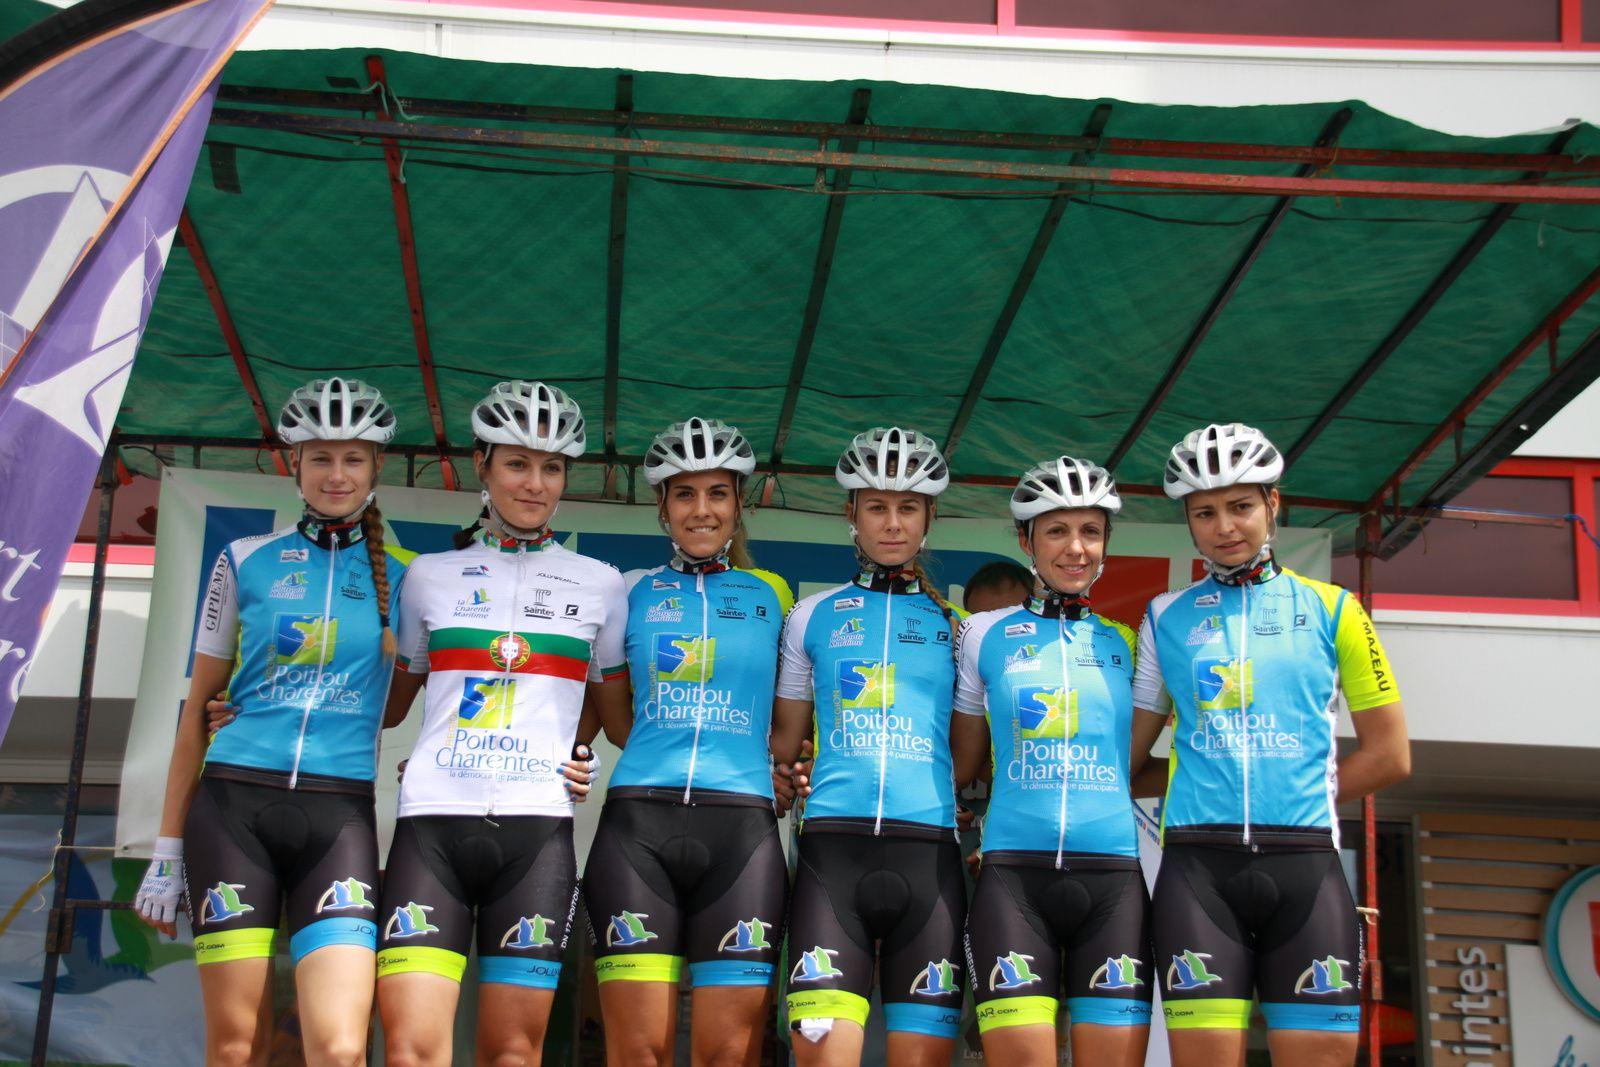 Présentation  des  équipes  sur  le  podium  avec  la  DN  VC  St  Julien  en  Genevois, la  DN 17  Poitou-Charentes,Poitou-Charentes-Futuroscope 86,La  DN  Région  Centre,la  DN  Auber 93